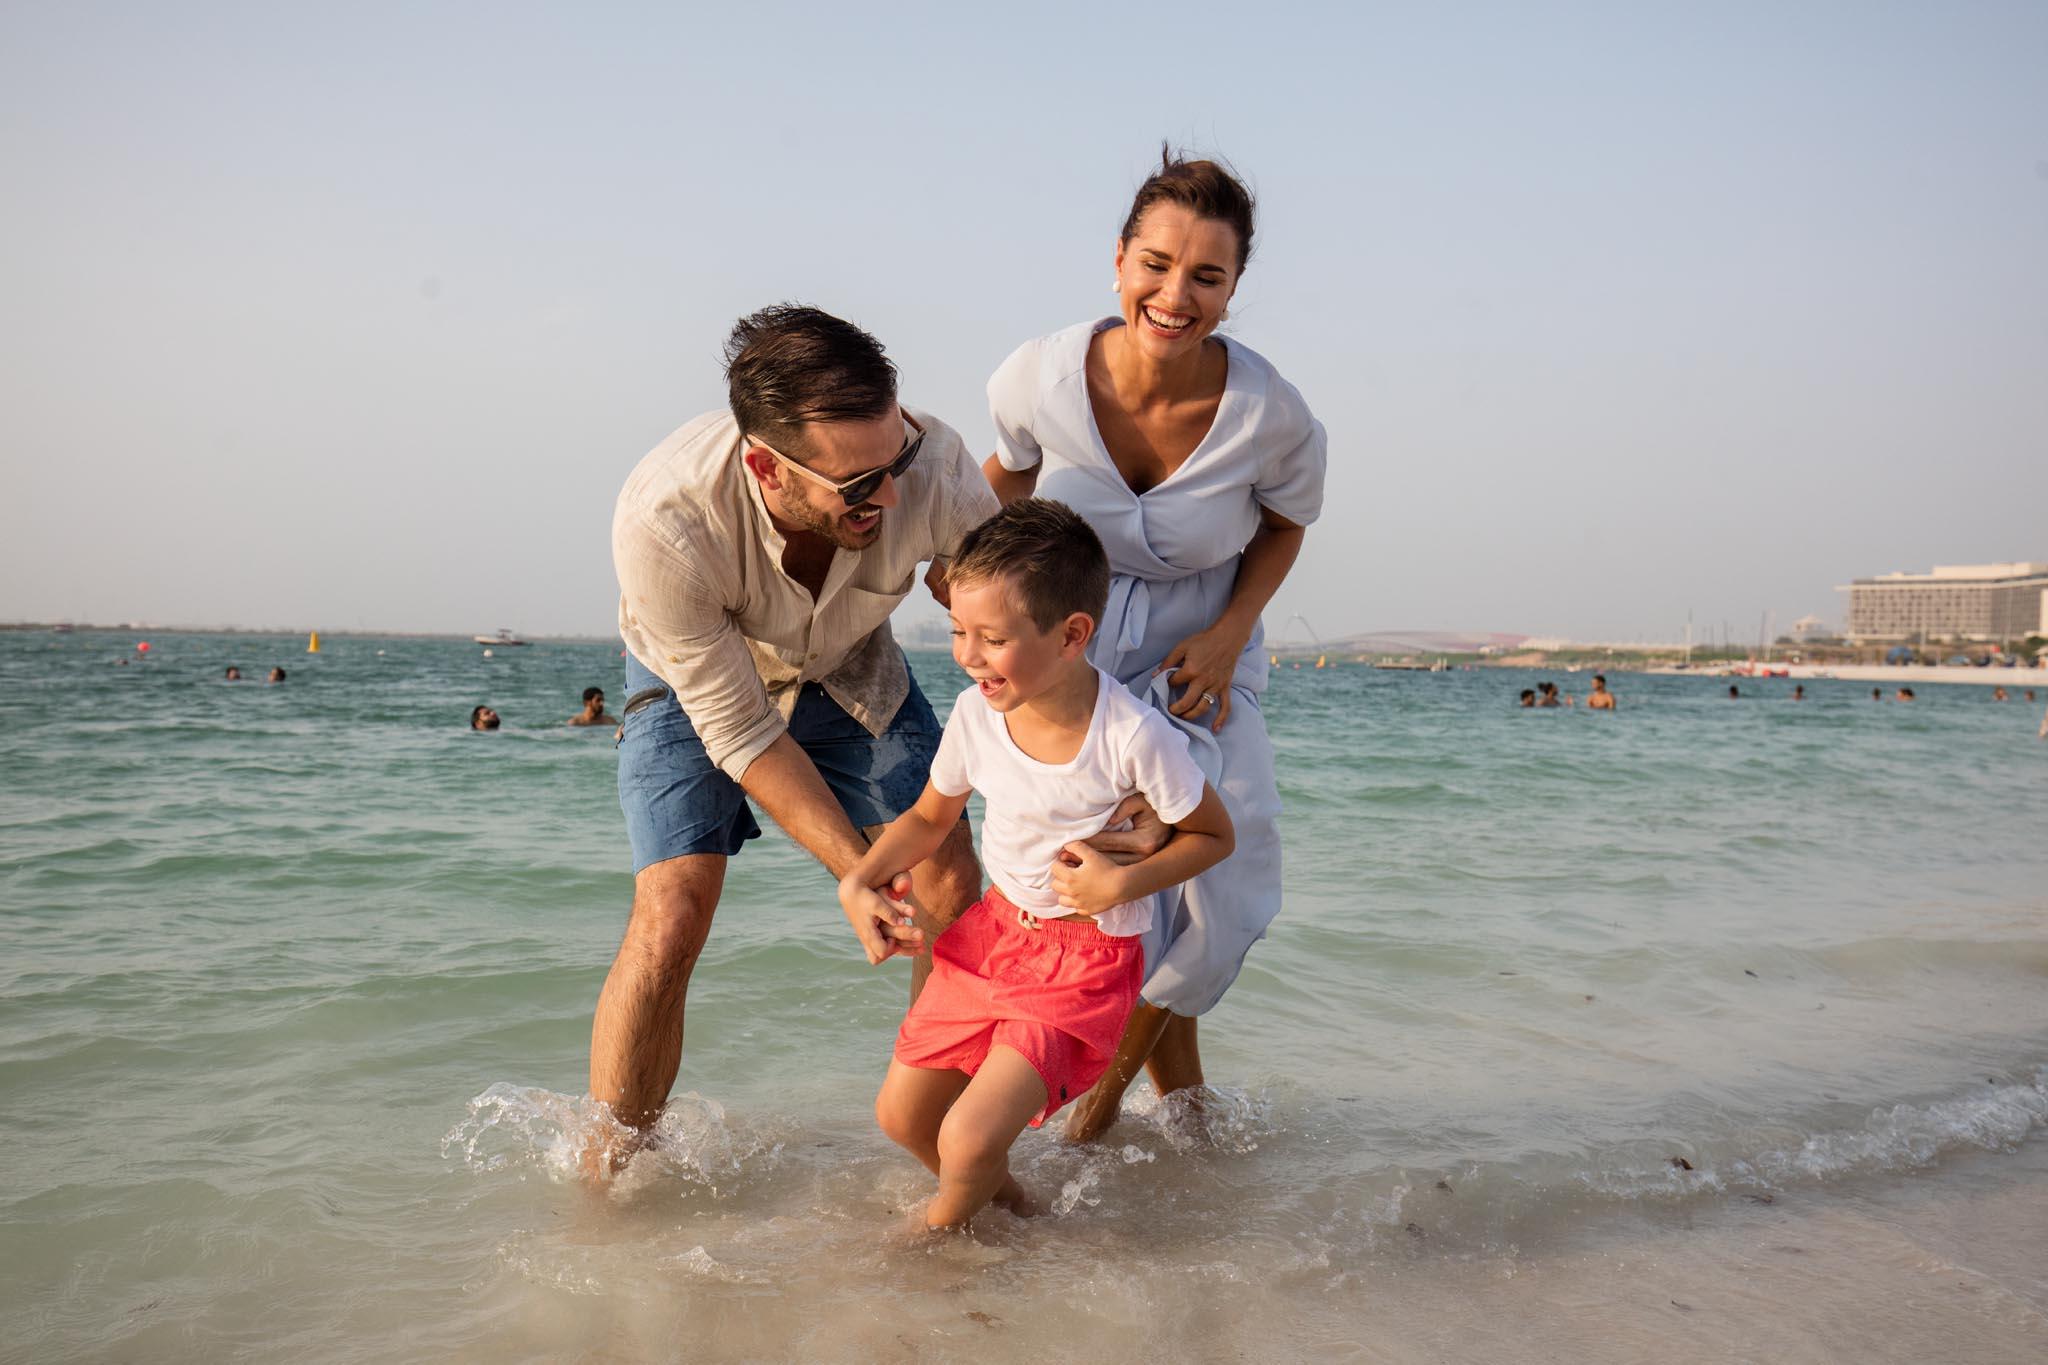 جزيرة ياس تكشف عن باقة عروضها العائلية الخاصة بموسم الصيف 2019